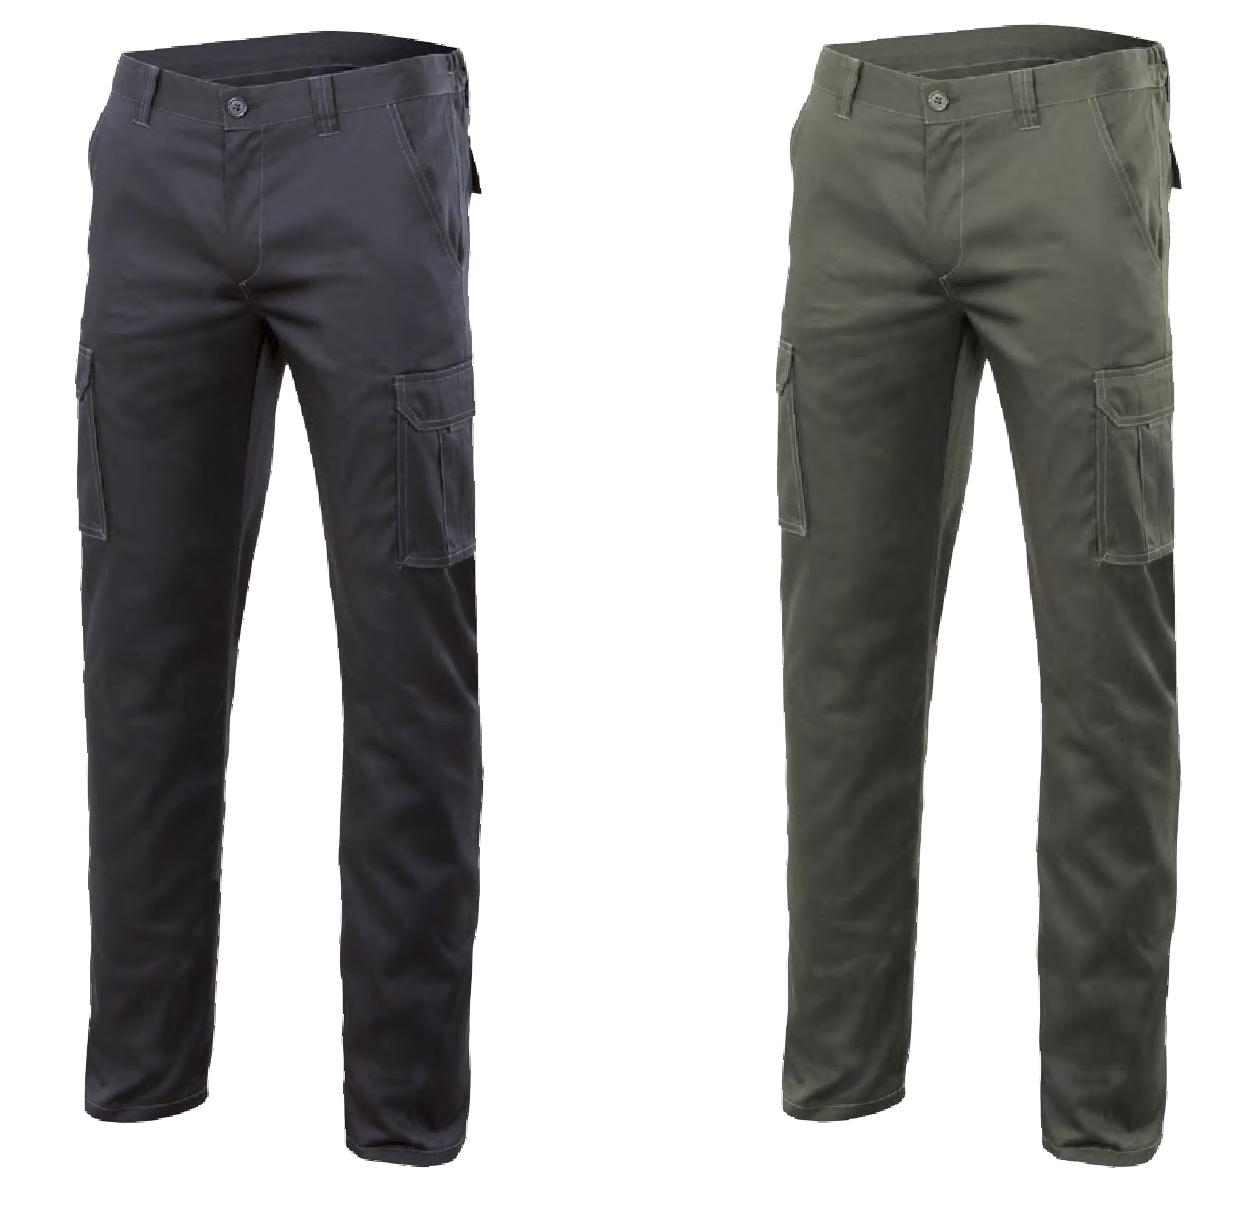 b1214927a Las ropa laboral stretch se define por su elasticidad